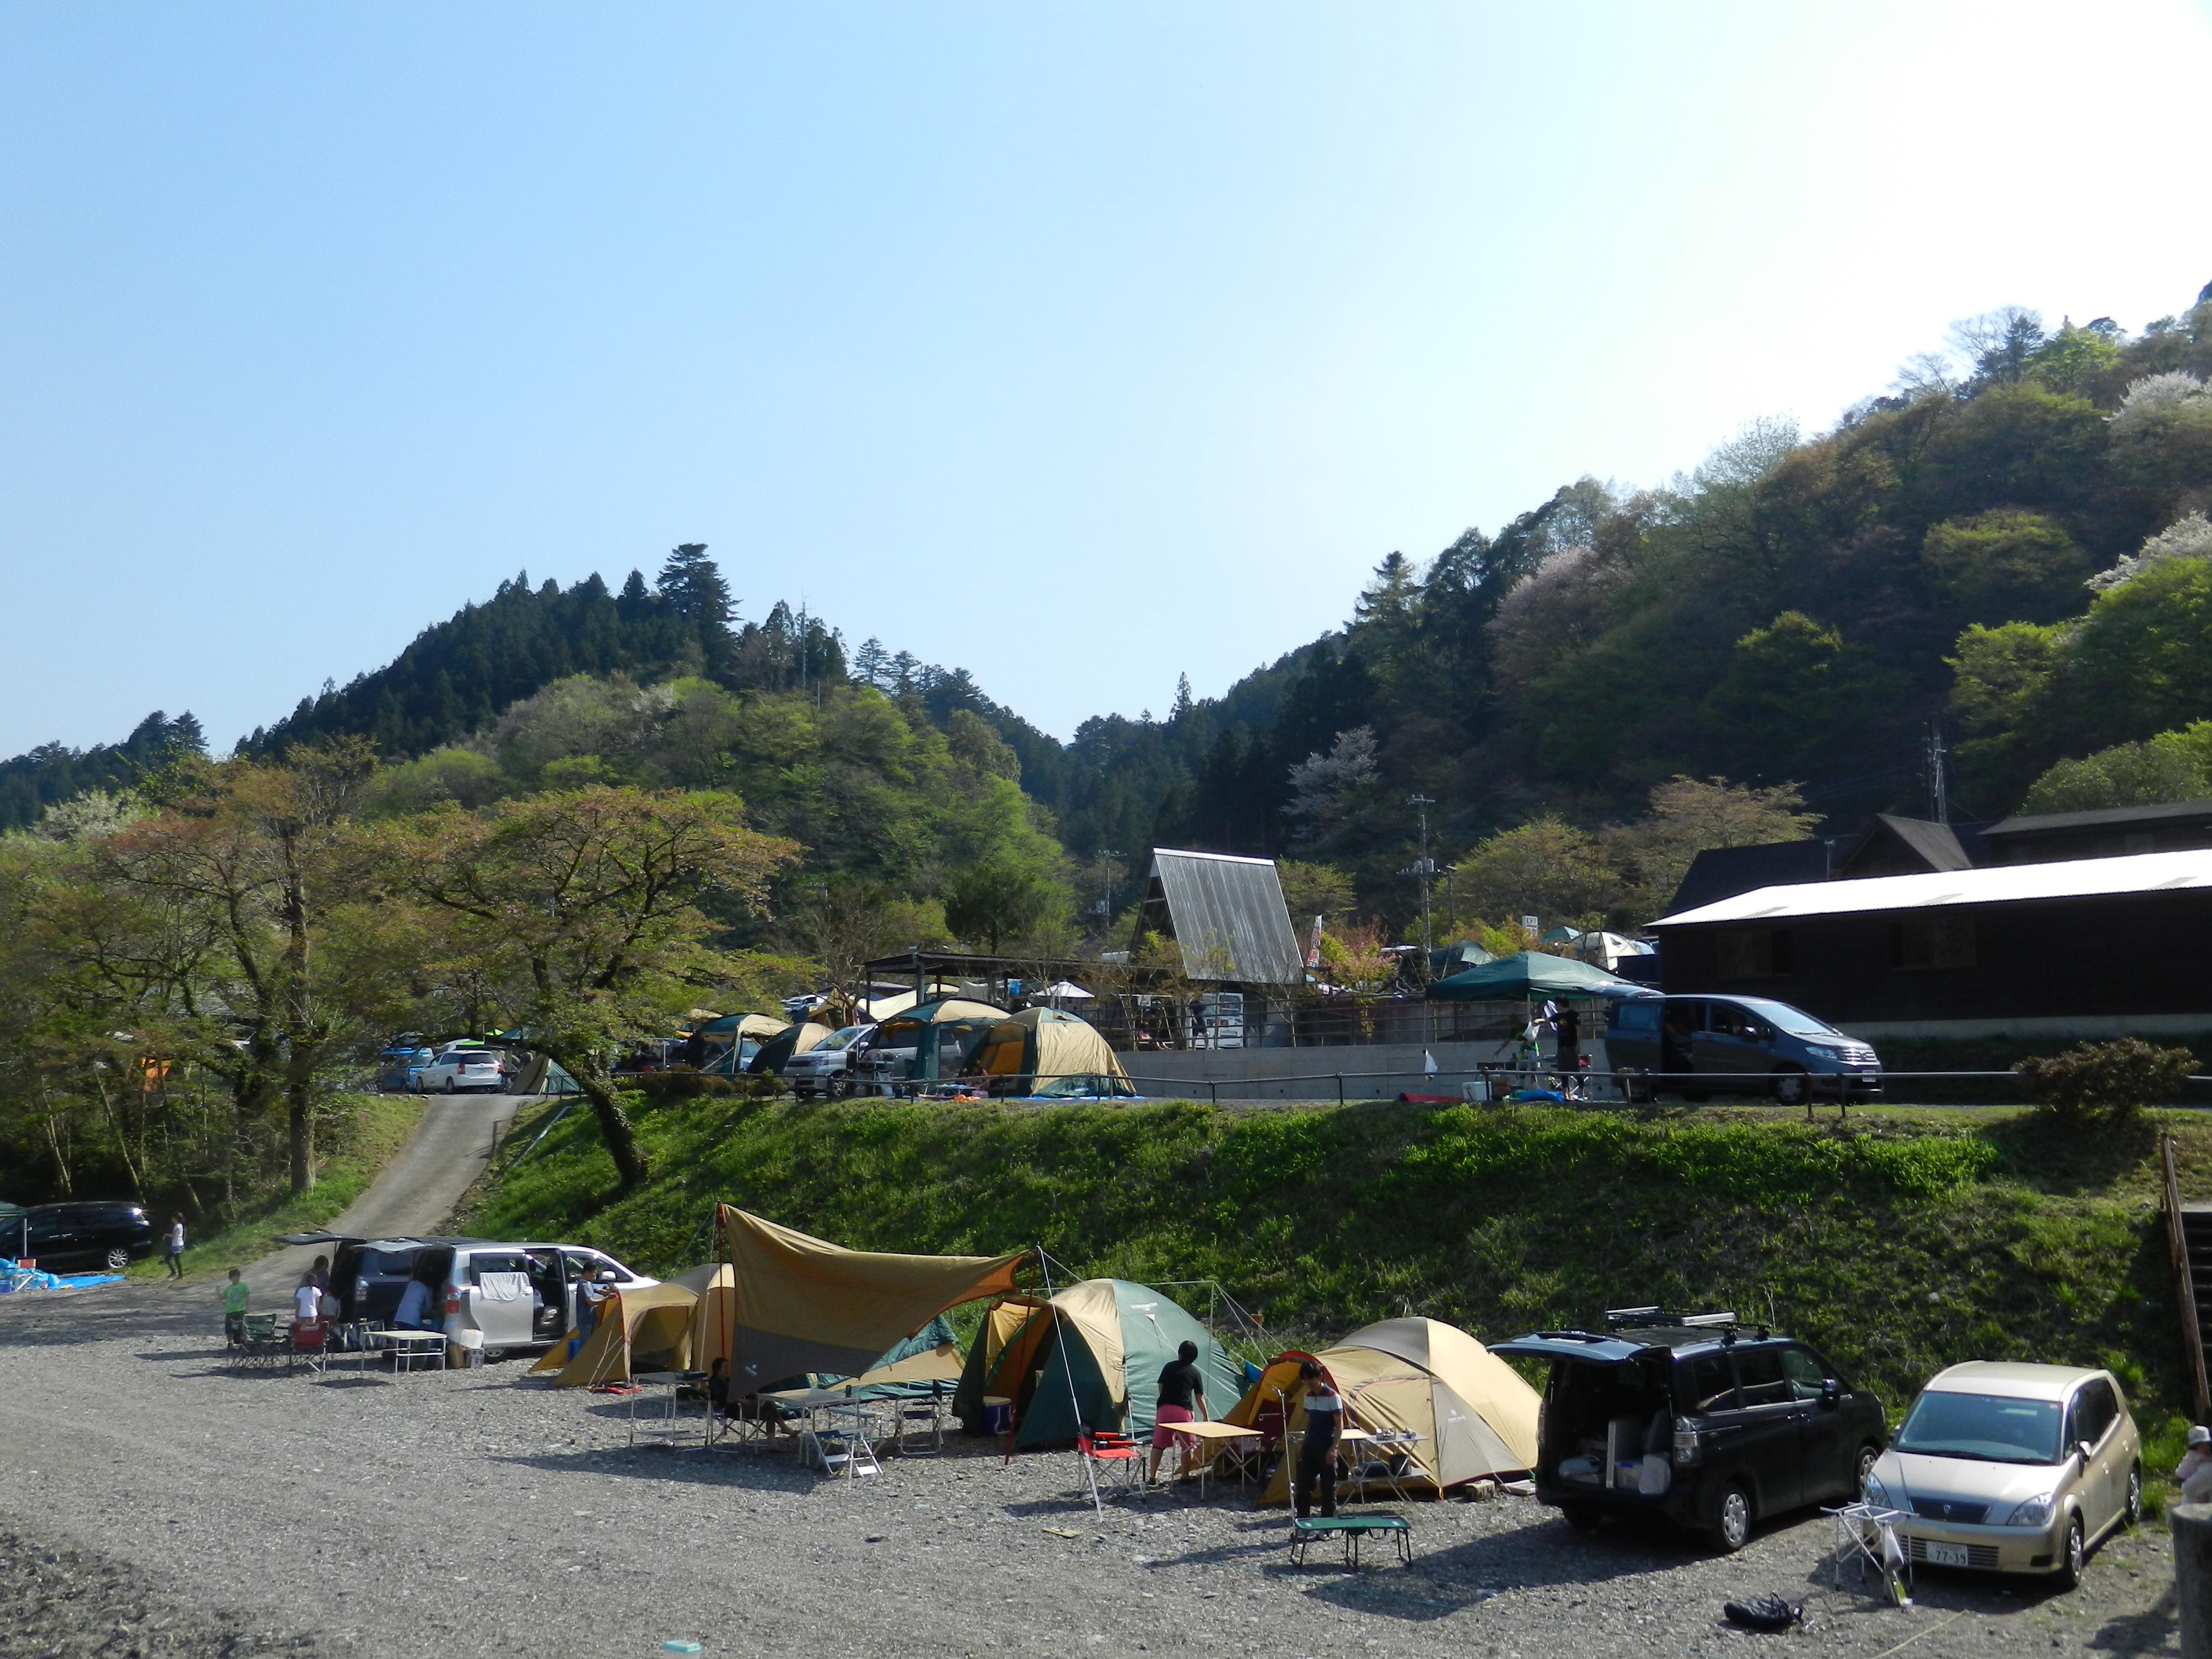 関東おすすめキャンプ場ガイド!手ぶらで気軽に出掛けて川遊びも楽しめる!